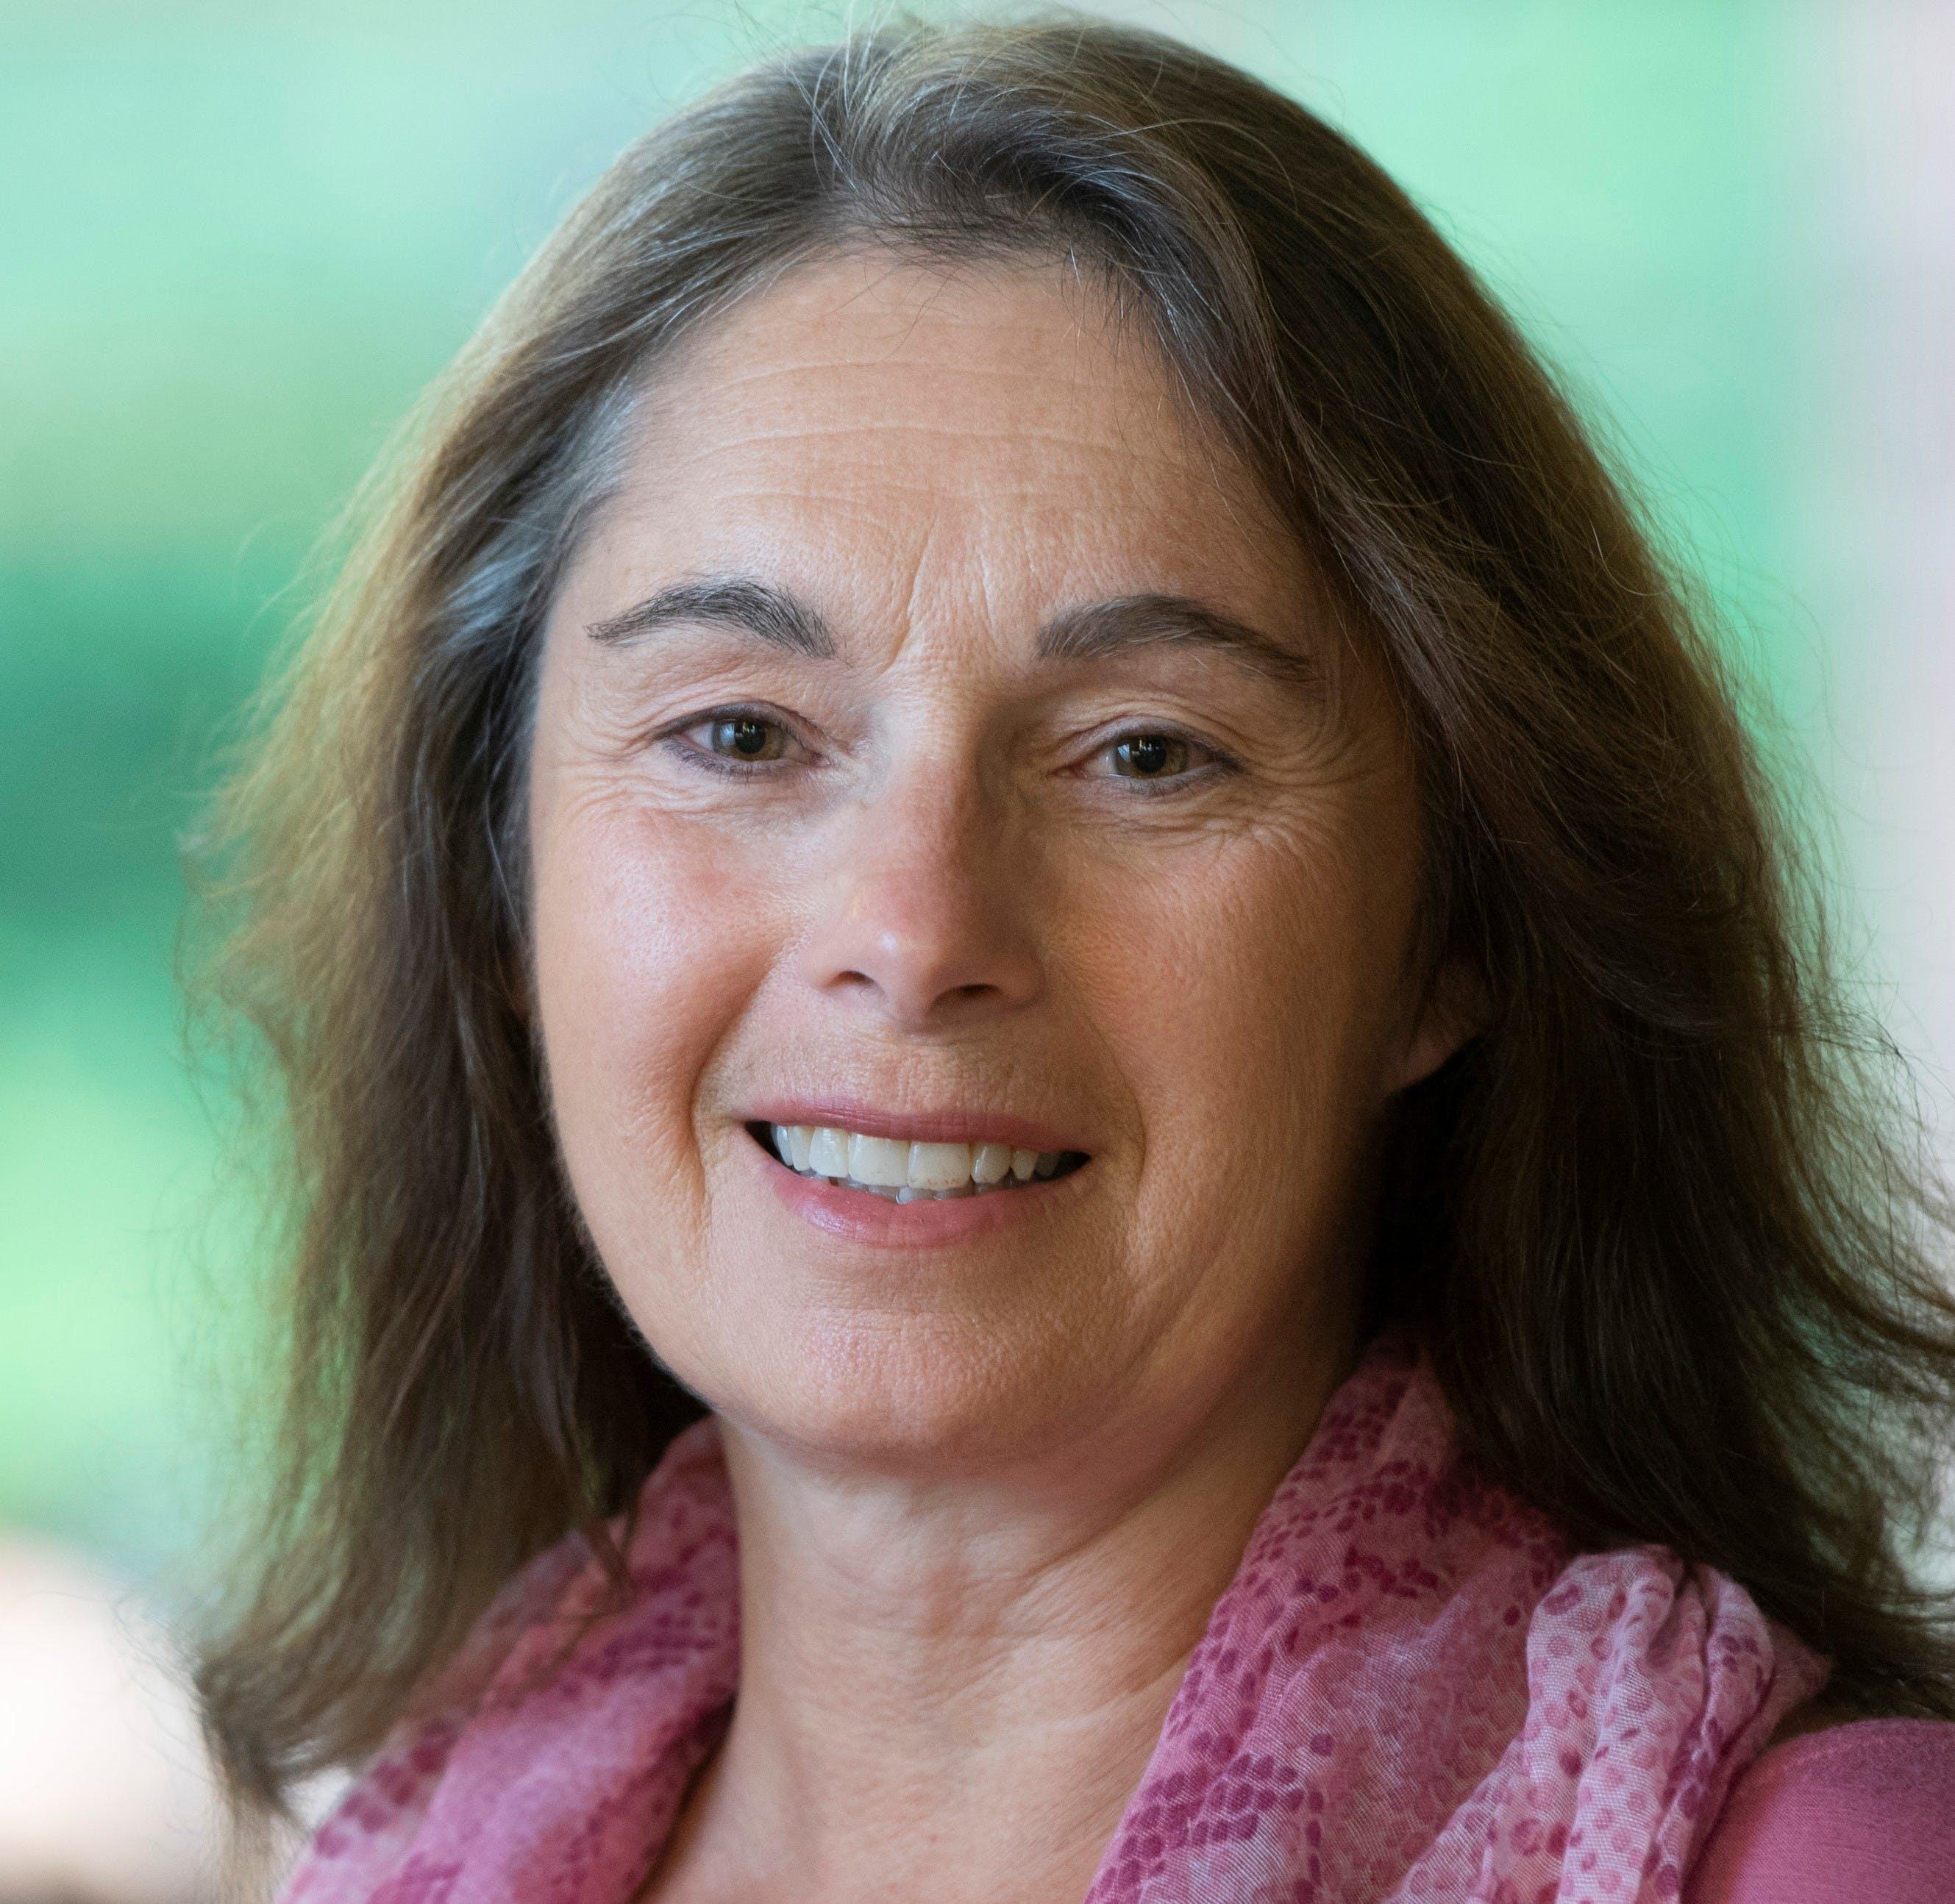 Tedi Anne Hasapopoulos